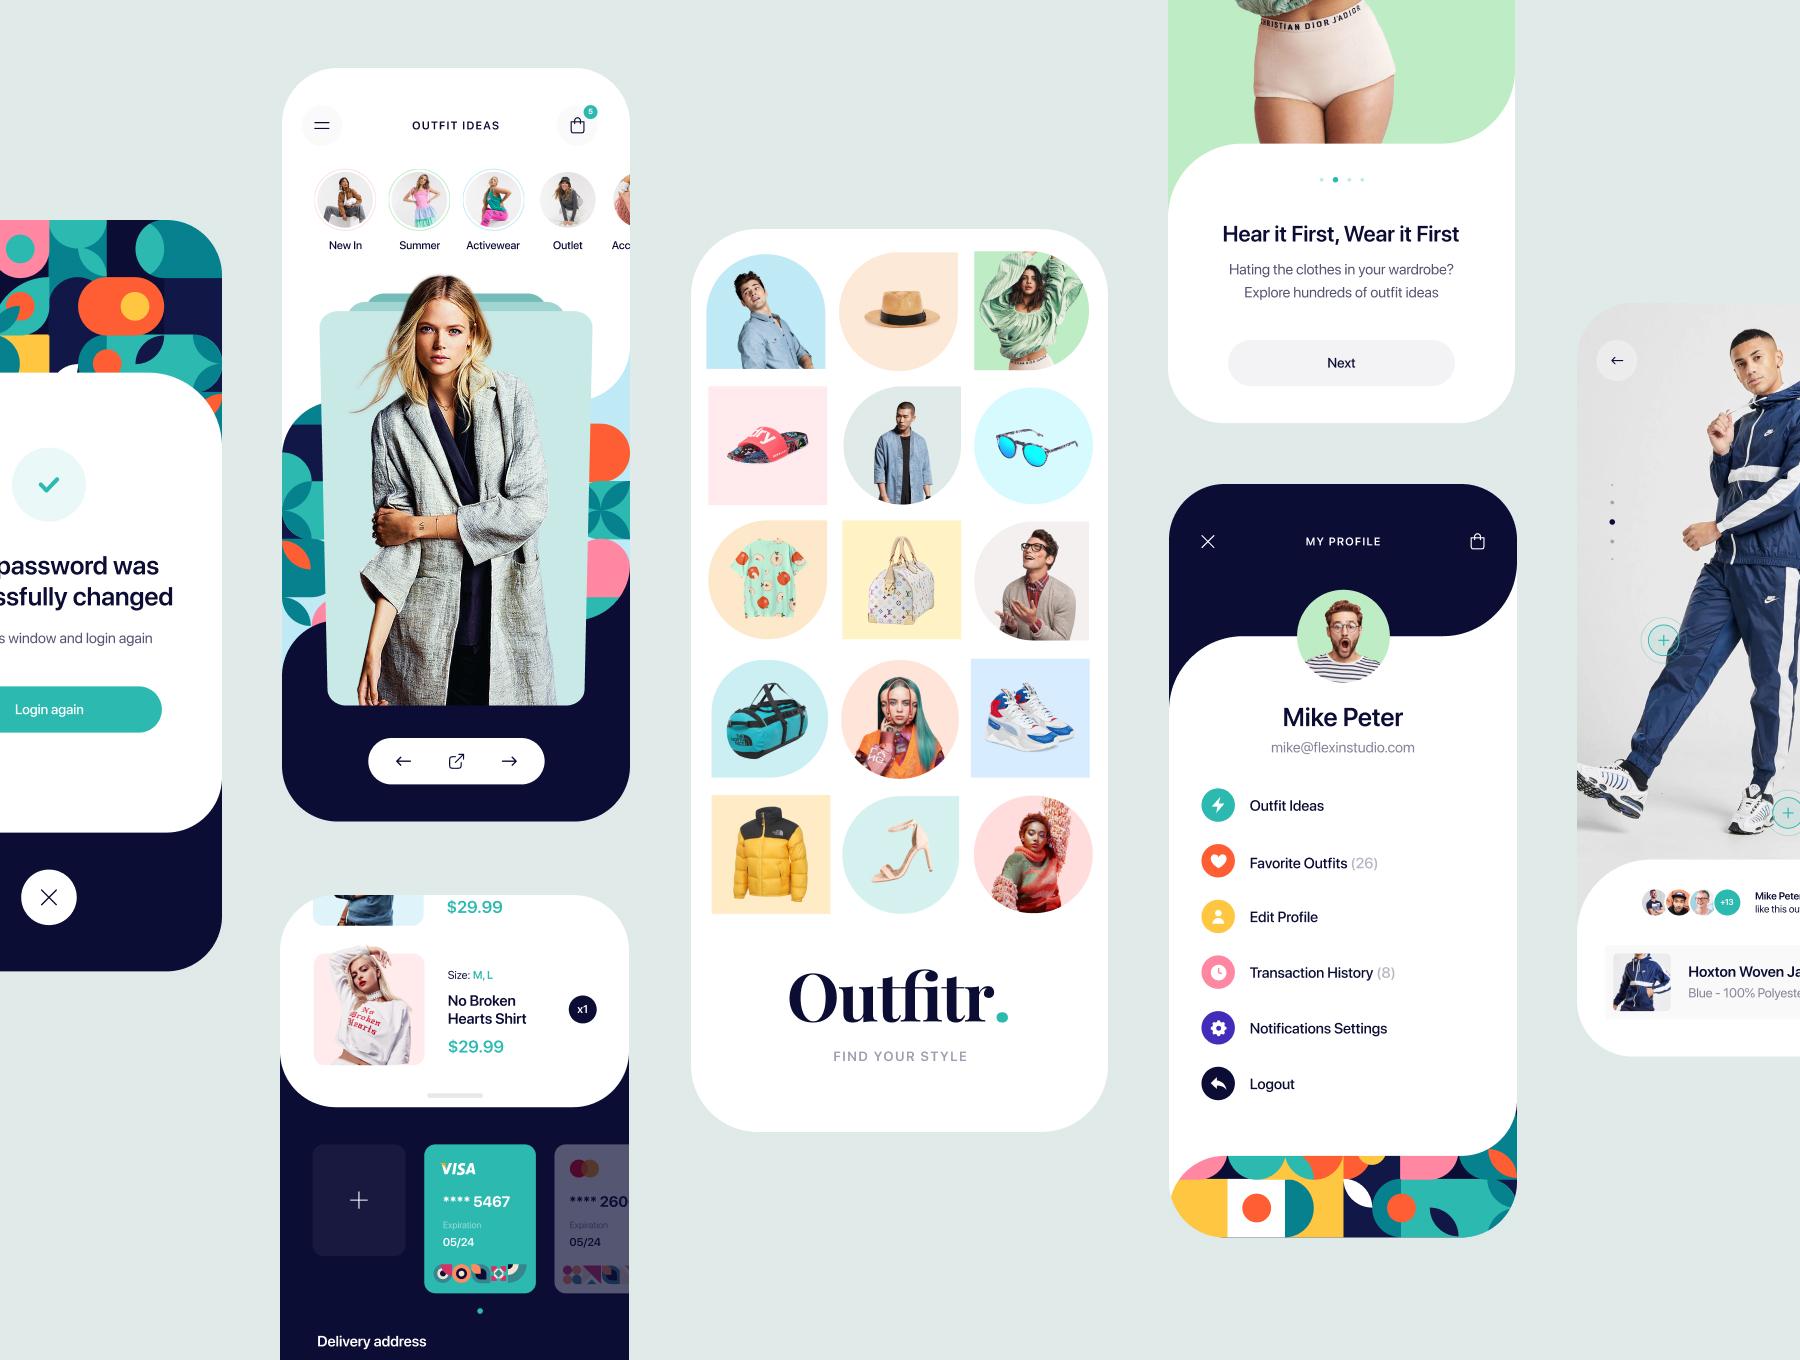 时尚潮流服装商城应用程序APP界面设计UI套件 Outfitr – Fashion UI Kit插图(4)